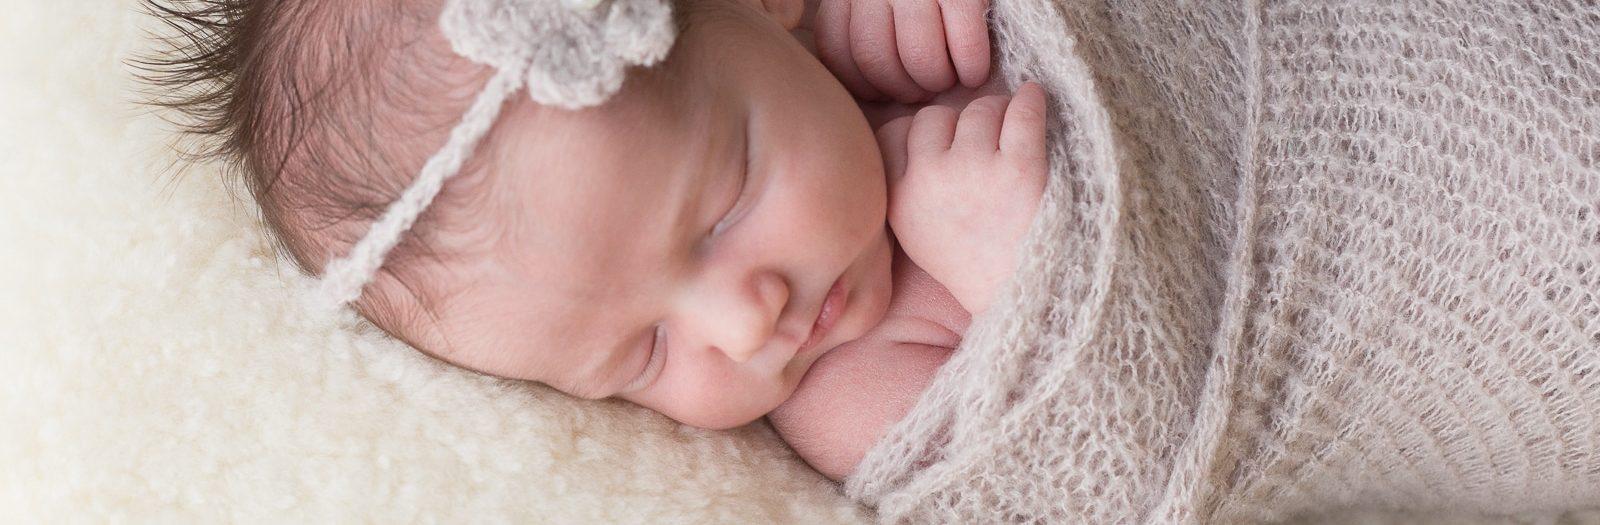 photo d'un bebe nouveau-ne emmaillotte